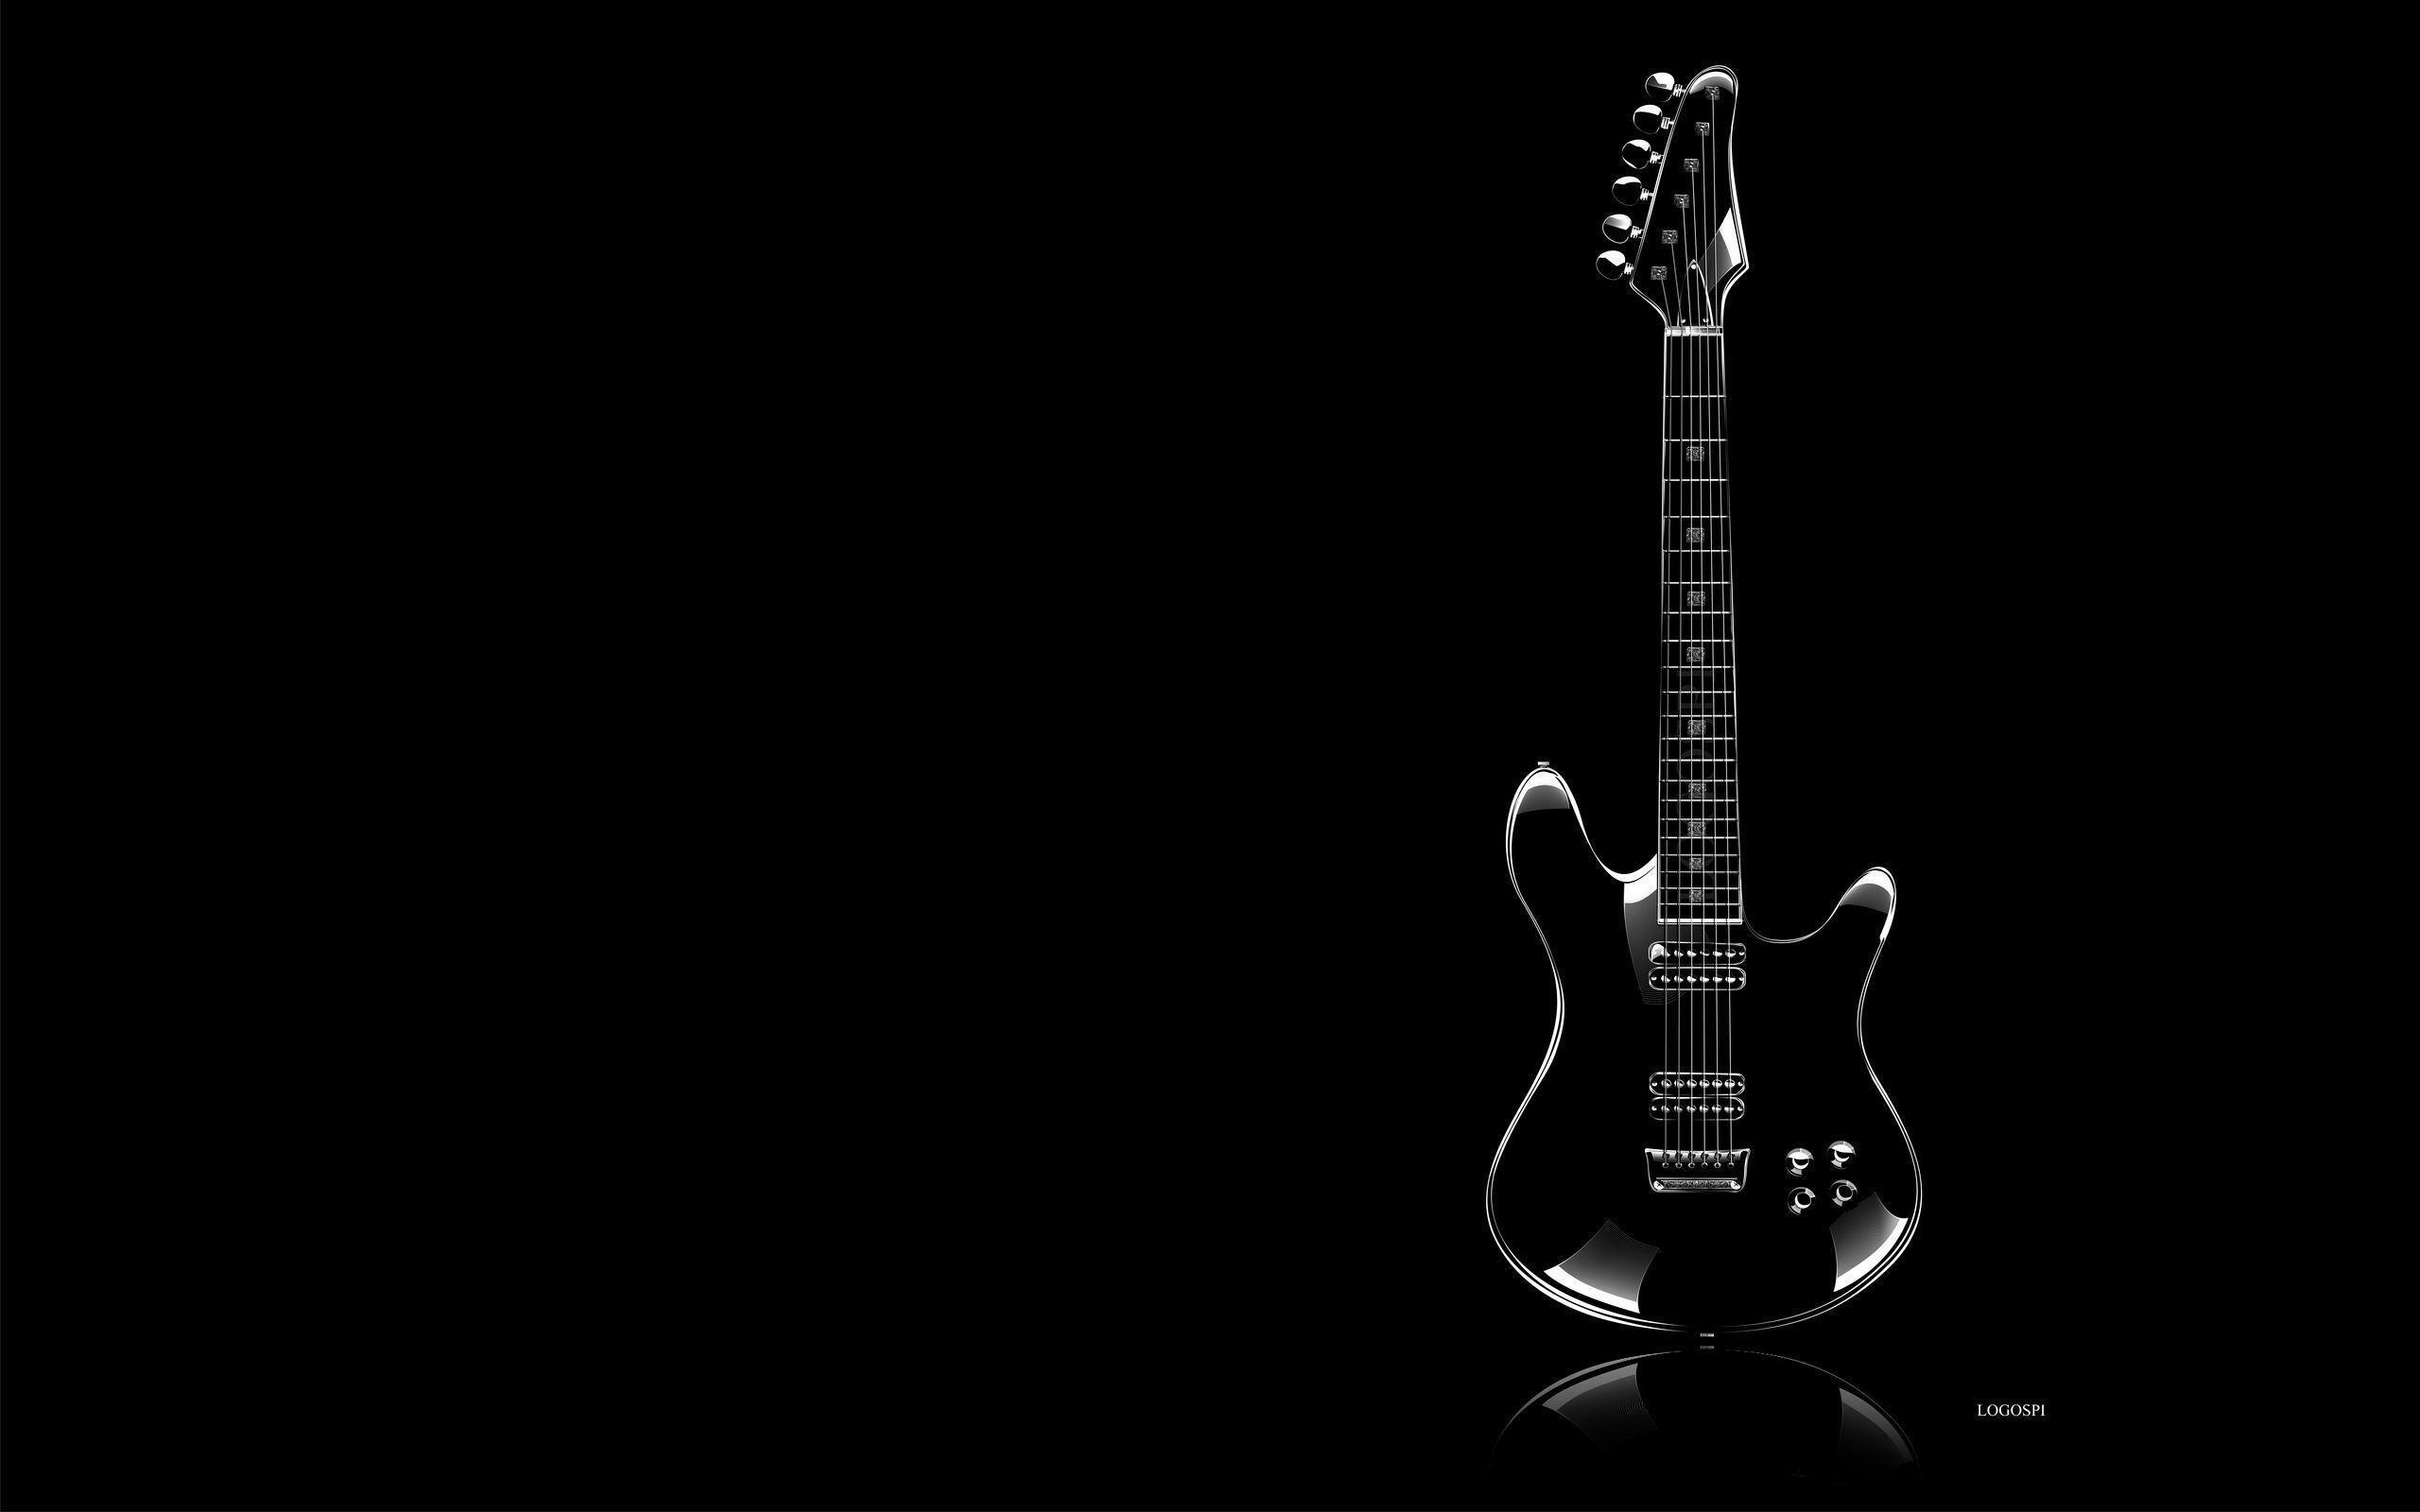 Black Guitars Wallpapers Wallpaper Cave